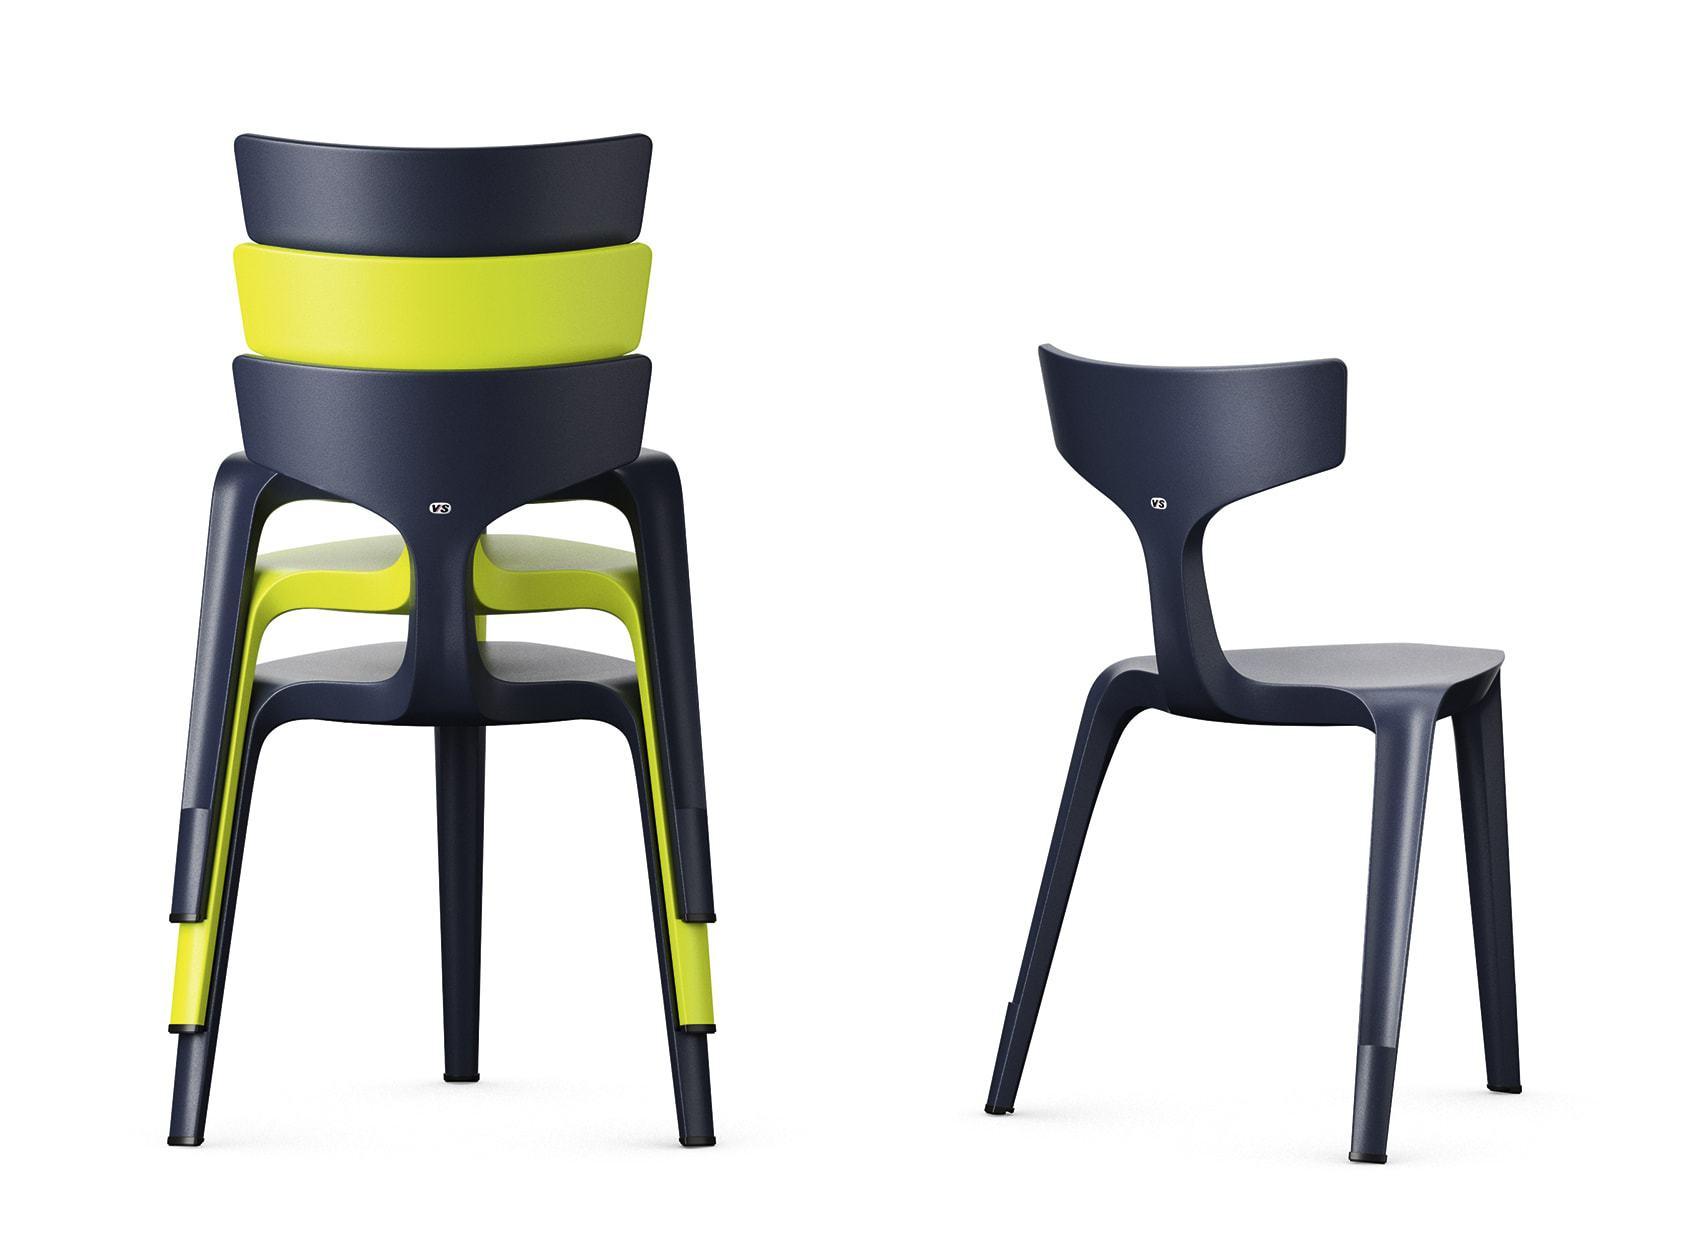 Stohovateľná stolička Stakki